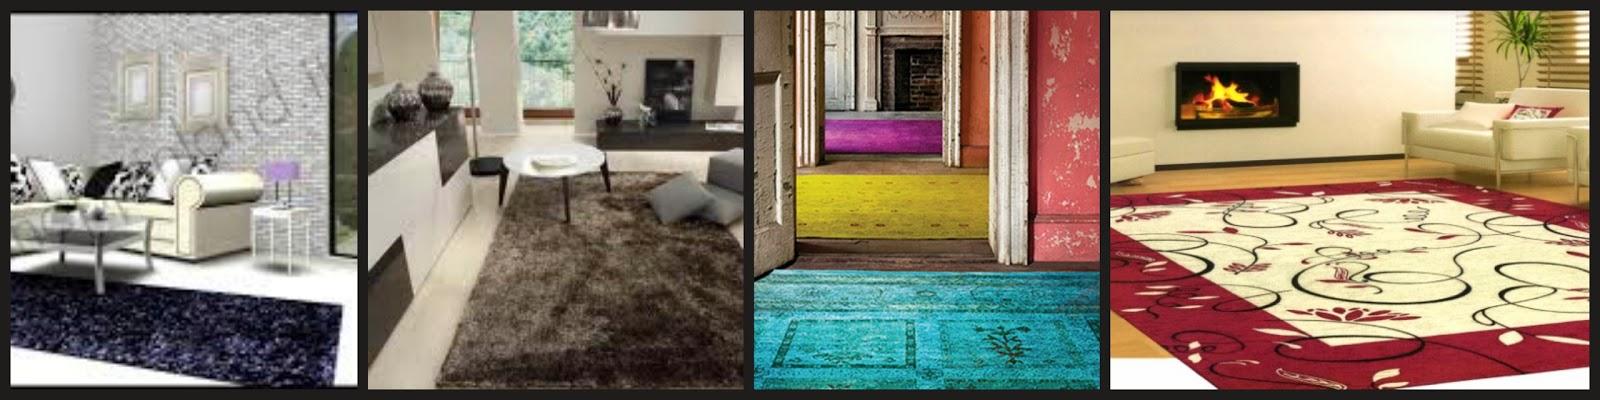 tappeto per camino : Come scegliere i tappeti per la vostra casa Ricetta ed ingredienti ...